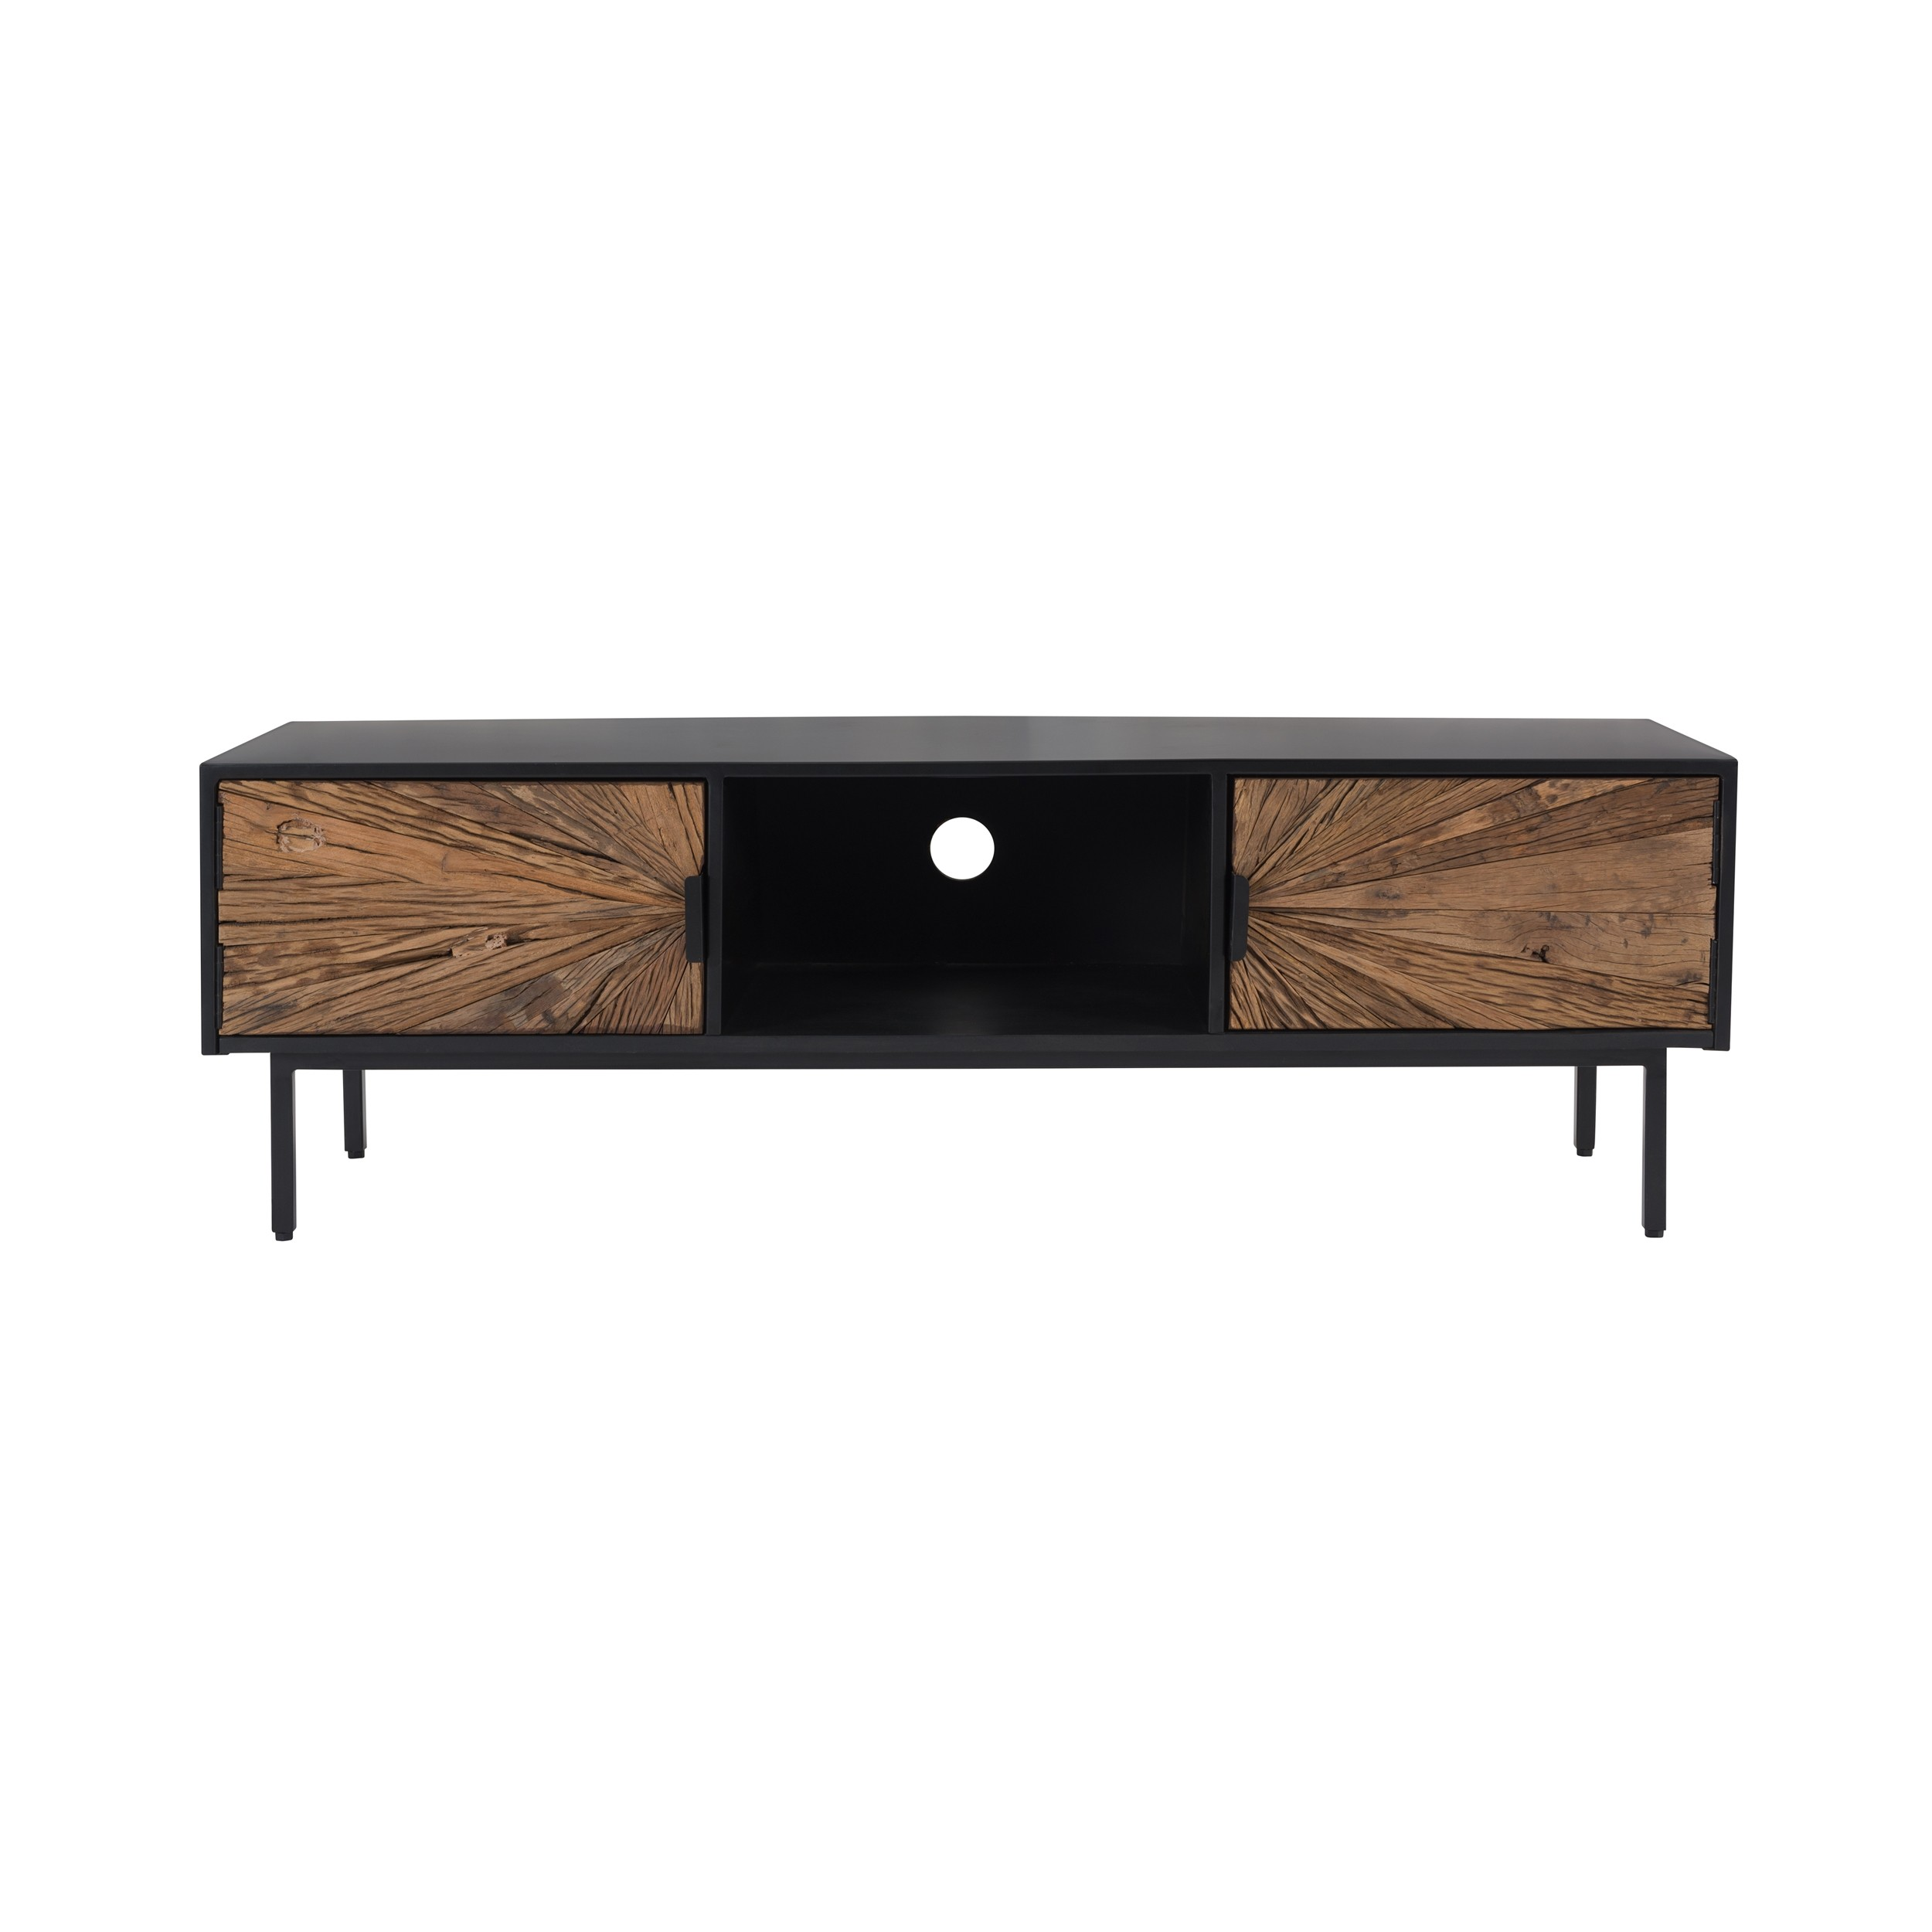 meuble tv pablo en bois